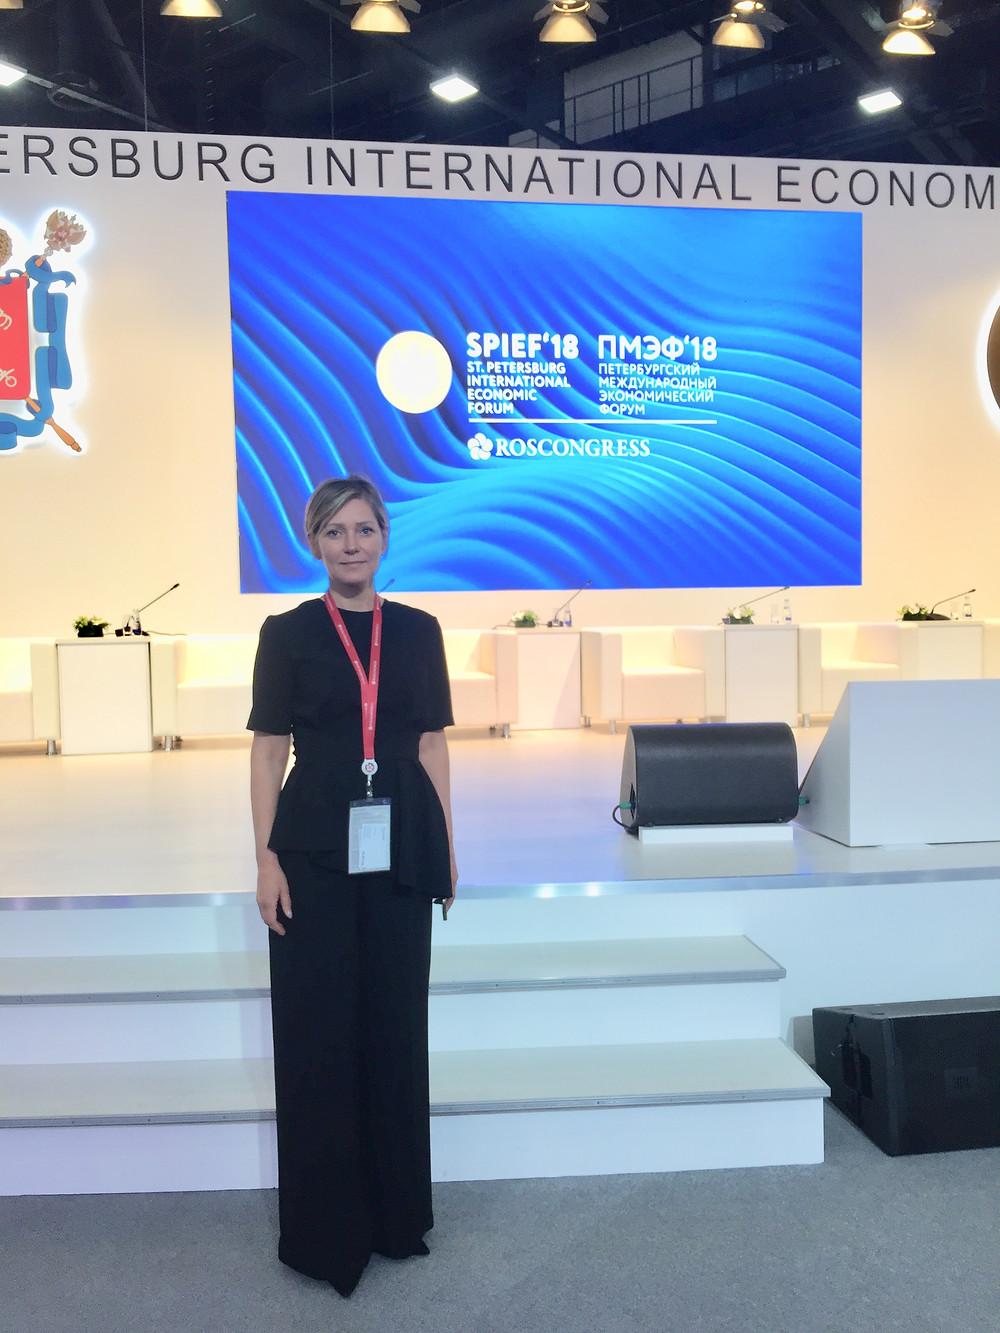 Avec plus de 25 ans d'expérience dans le domaine du commerce international, Olga Kroutolapova est une experte reconnue dans le secteur d'activité médical et paramédical. Elle est également candidate au Conseillers du Commerce Extérieur de la France depuis janvier 2018.